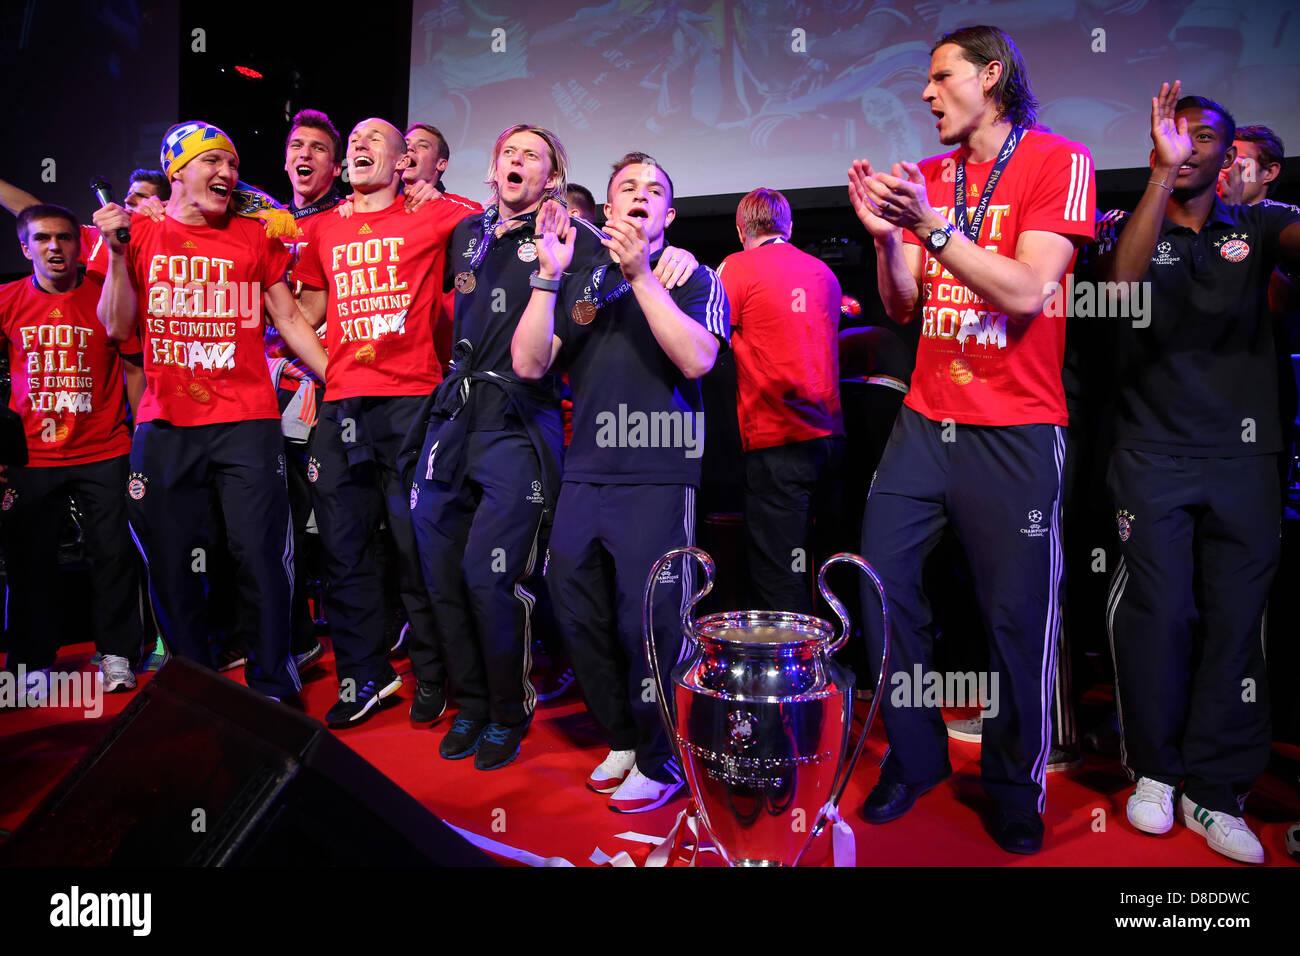 Londres, Royaume-Uni. 25 mai, 2013. Bastian Schweinsteiger (3L) du FC Bayern Munich célèbre avec ses coéquipiers sur la Finale de la Ligue des Champions Bayern Munich banquet au Grosvenor House le 25 mai 2013 à Londres, en Angleterre. Bastian Schweinsteiger Banque D'Images